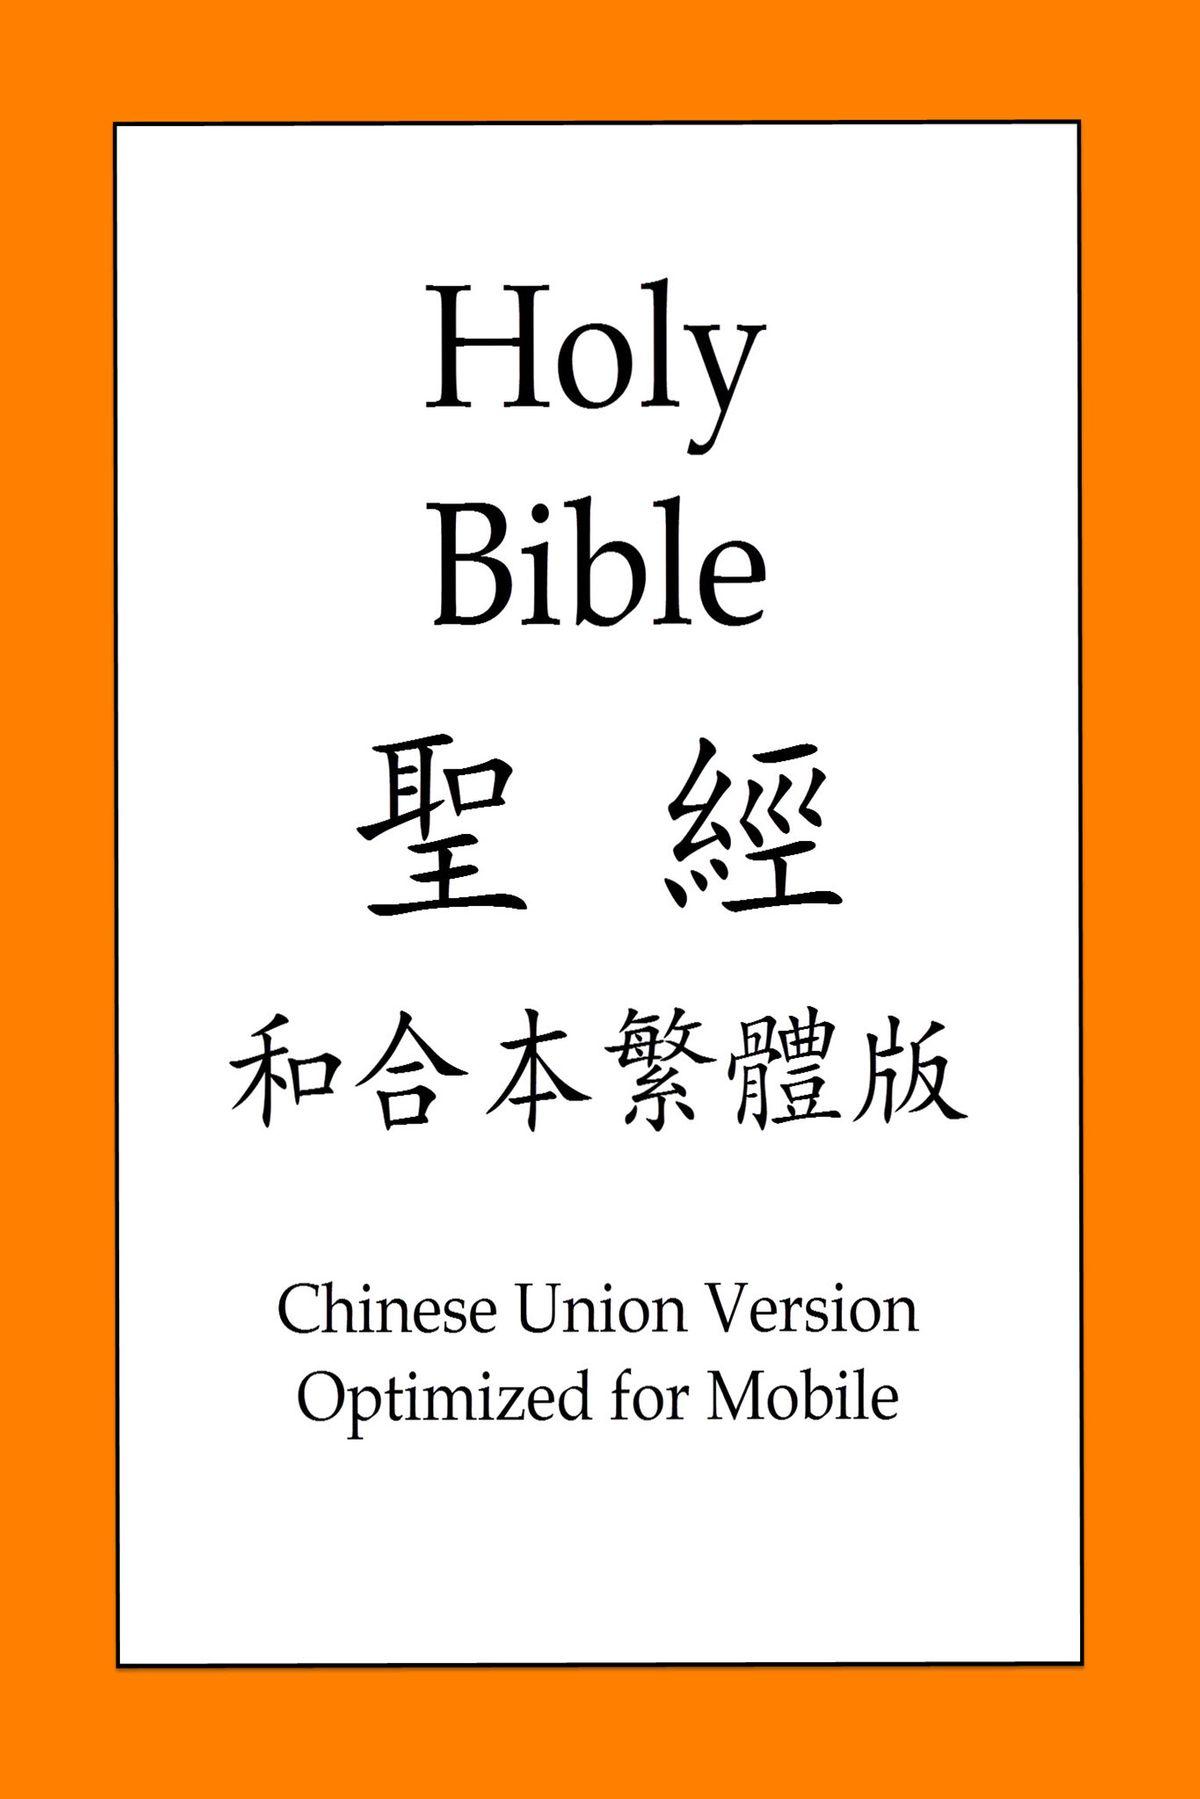 聖經和合本繁體版 - eBook - Walmart.com - Walmart.com